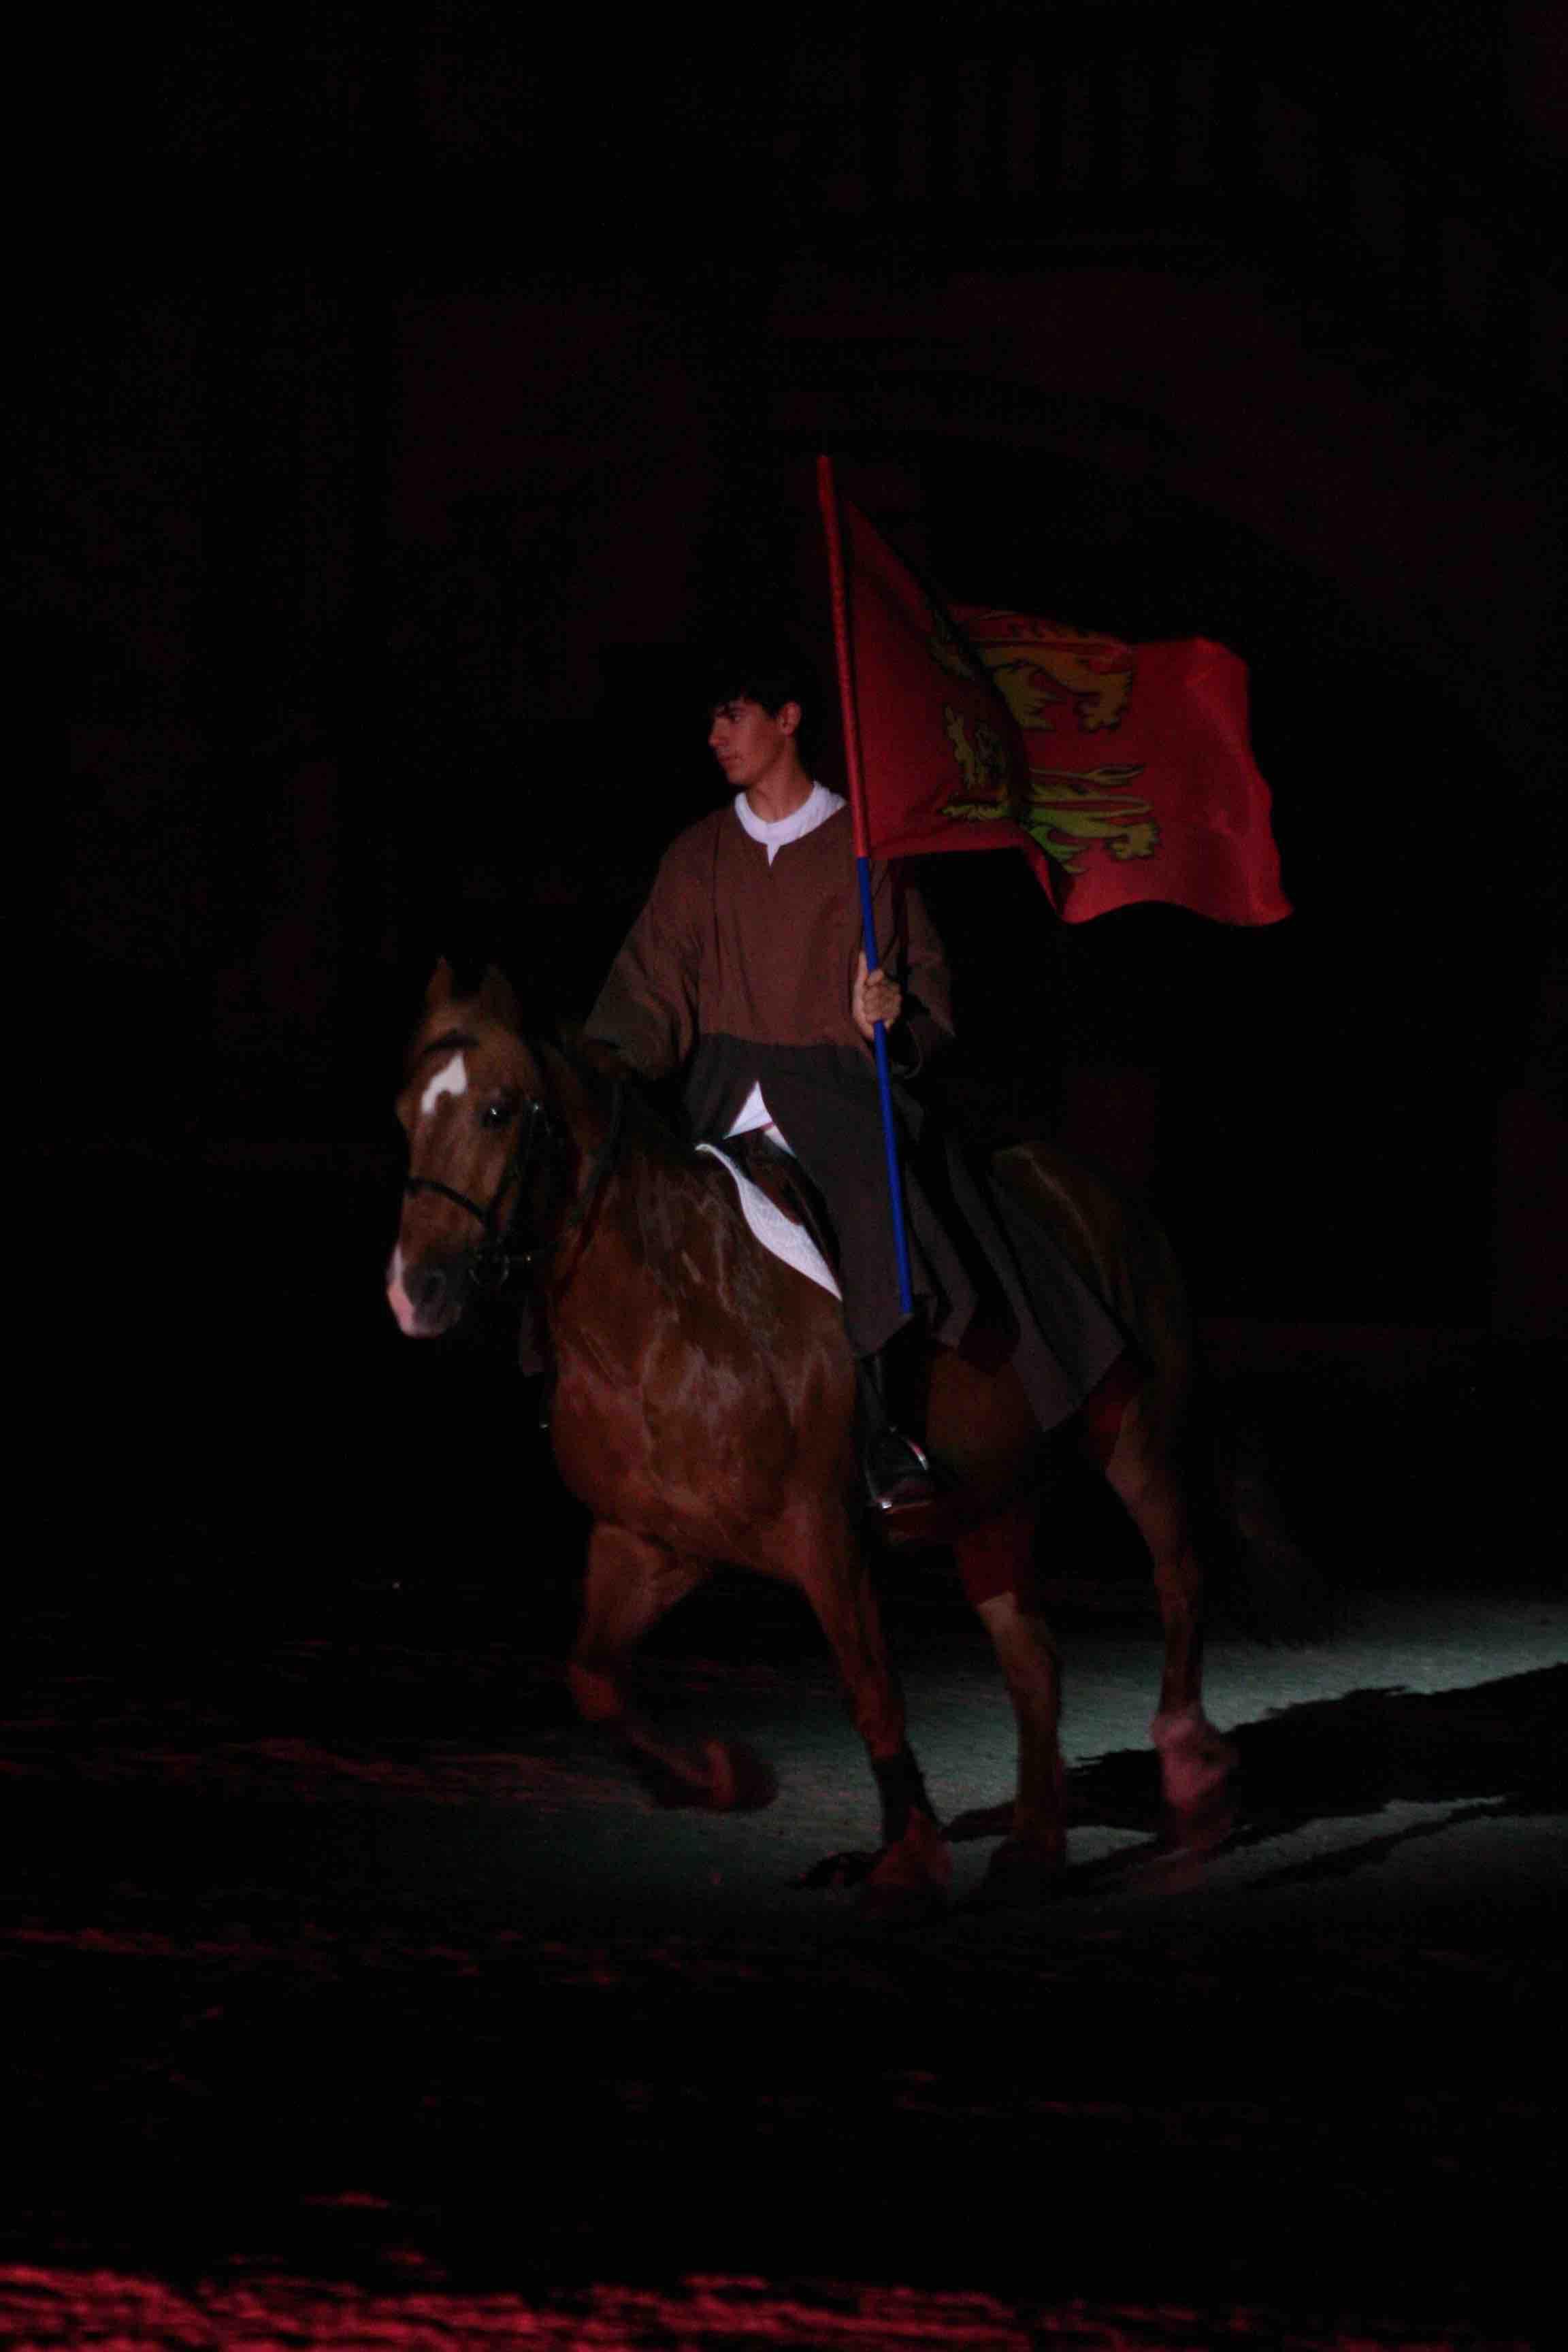 fete, nuit, cheval, histoire, meaux, cathedrale